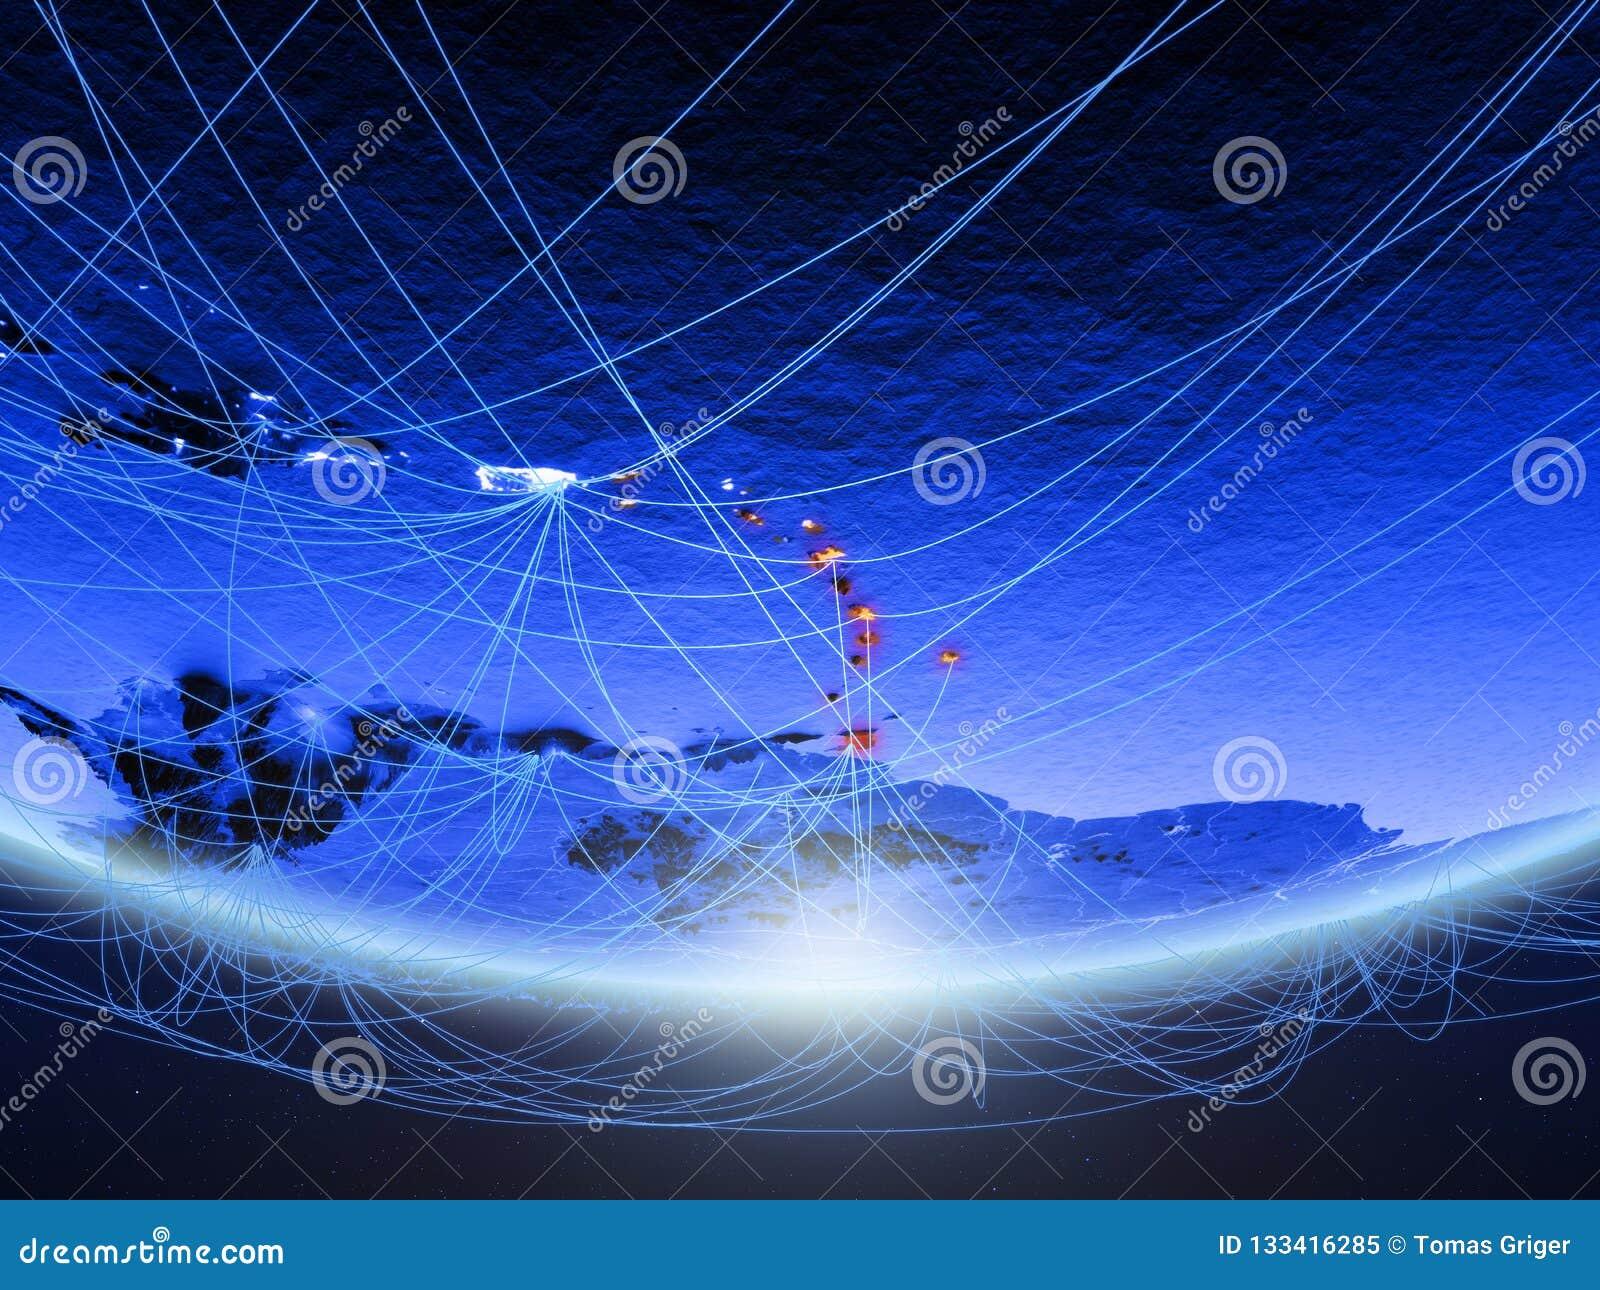 Καραϊβικές Θάλασσες από το διάστημα με το δίκτυο